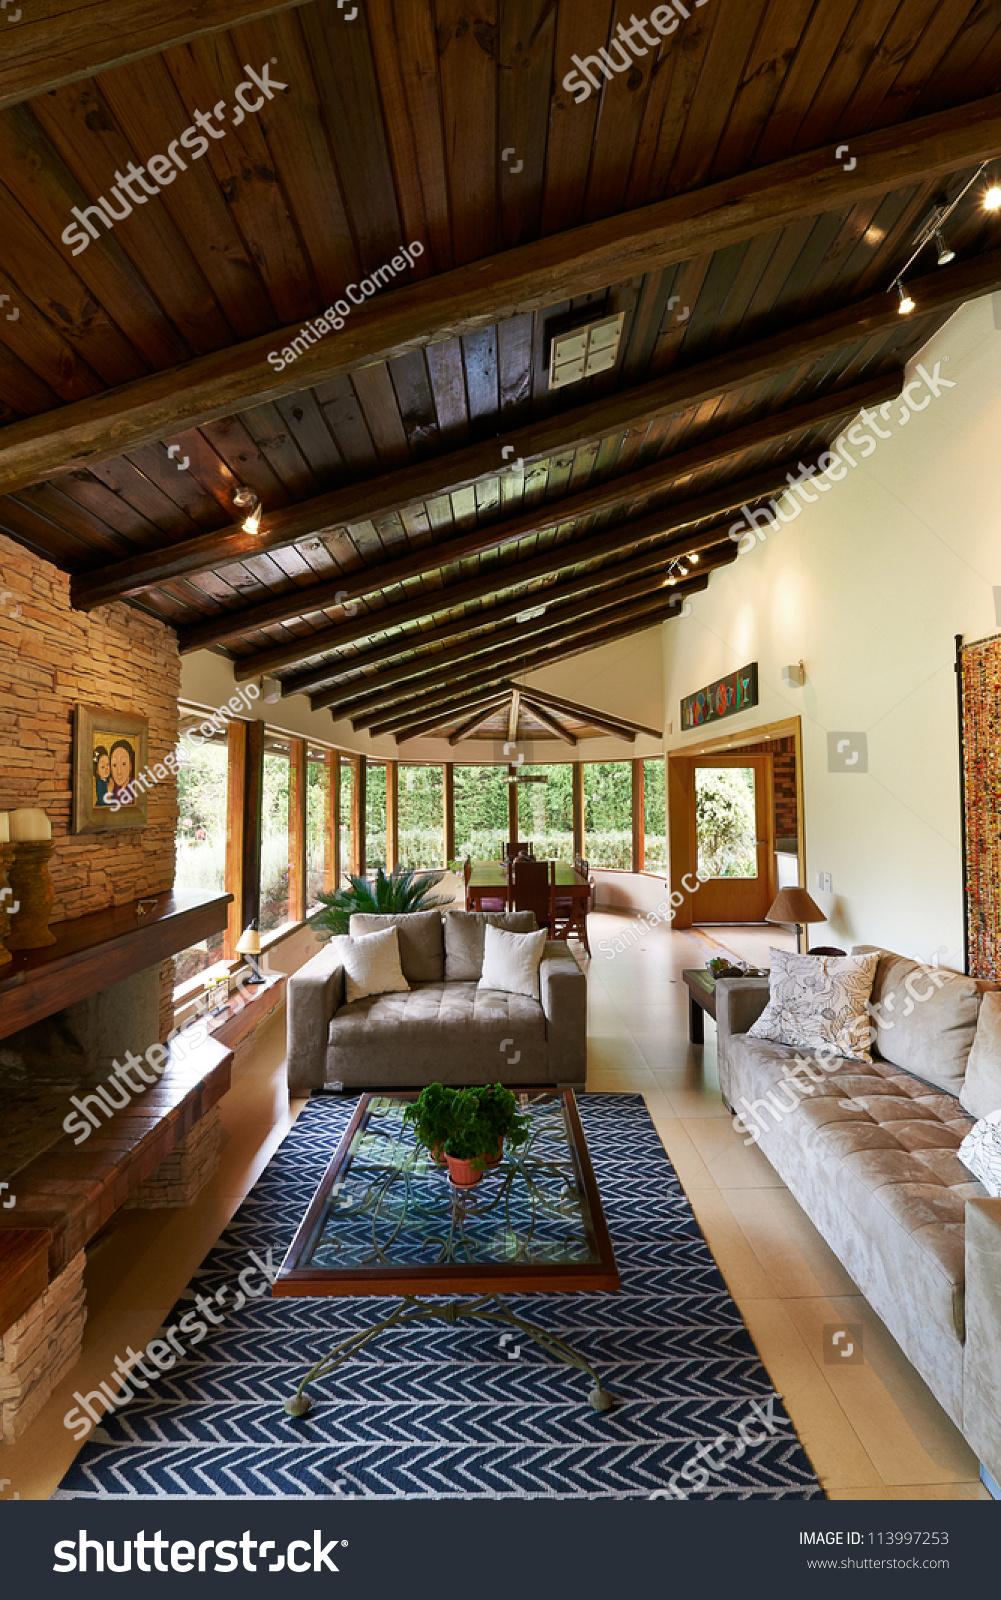 Classic Living Rooms Interior Design: Interior Design Series: Classic Rustic Living Room Stock